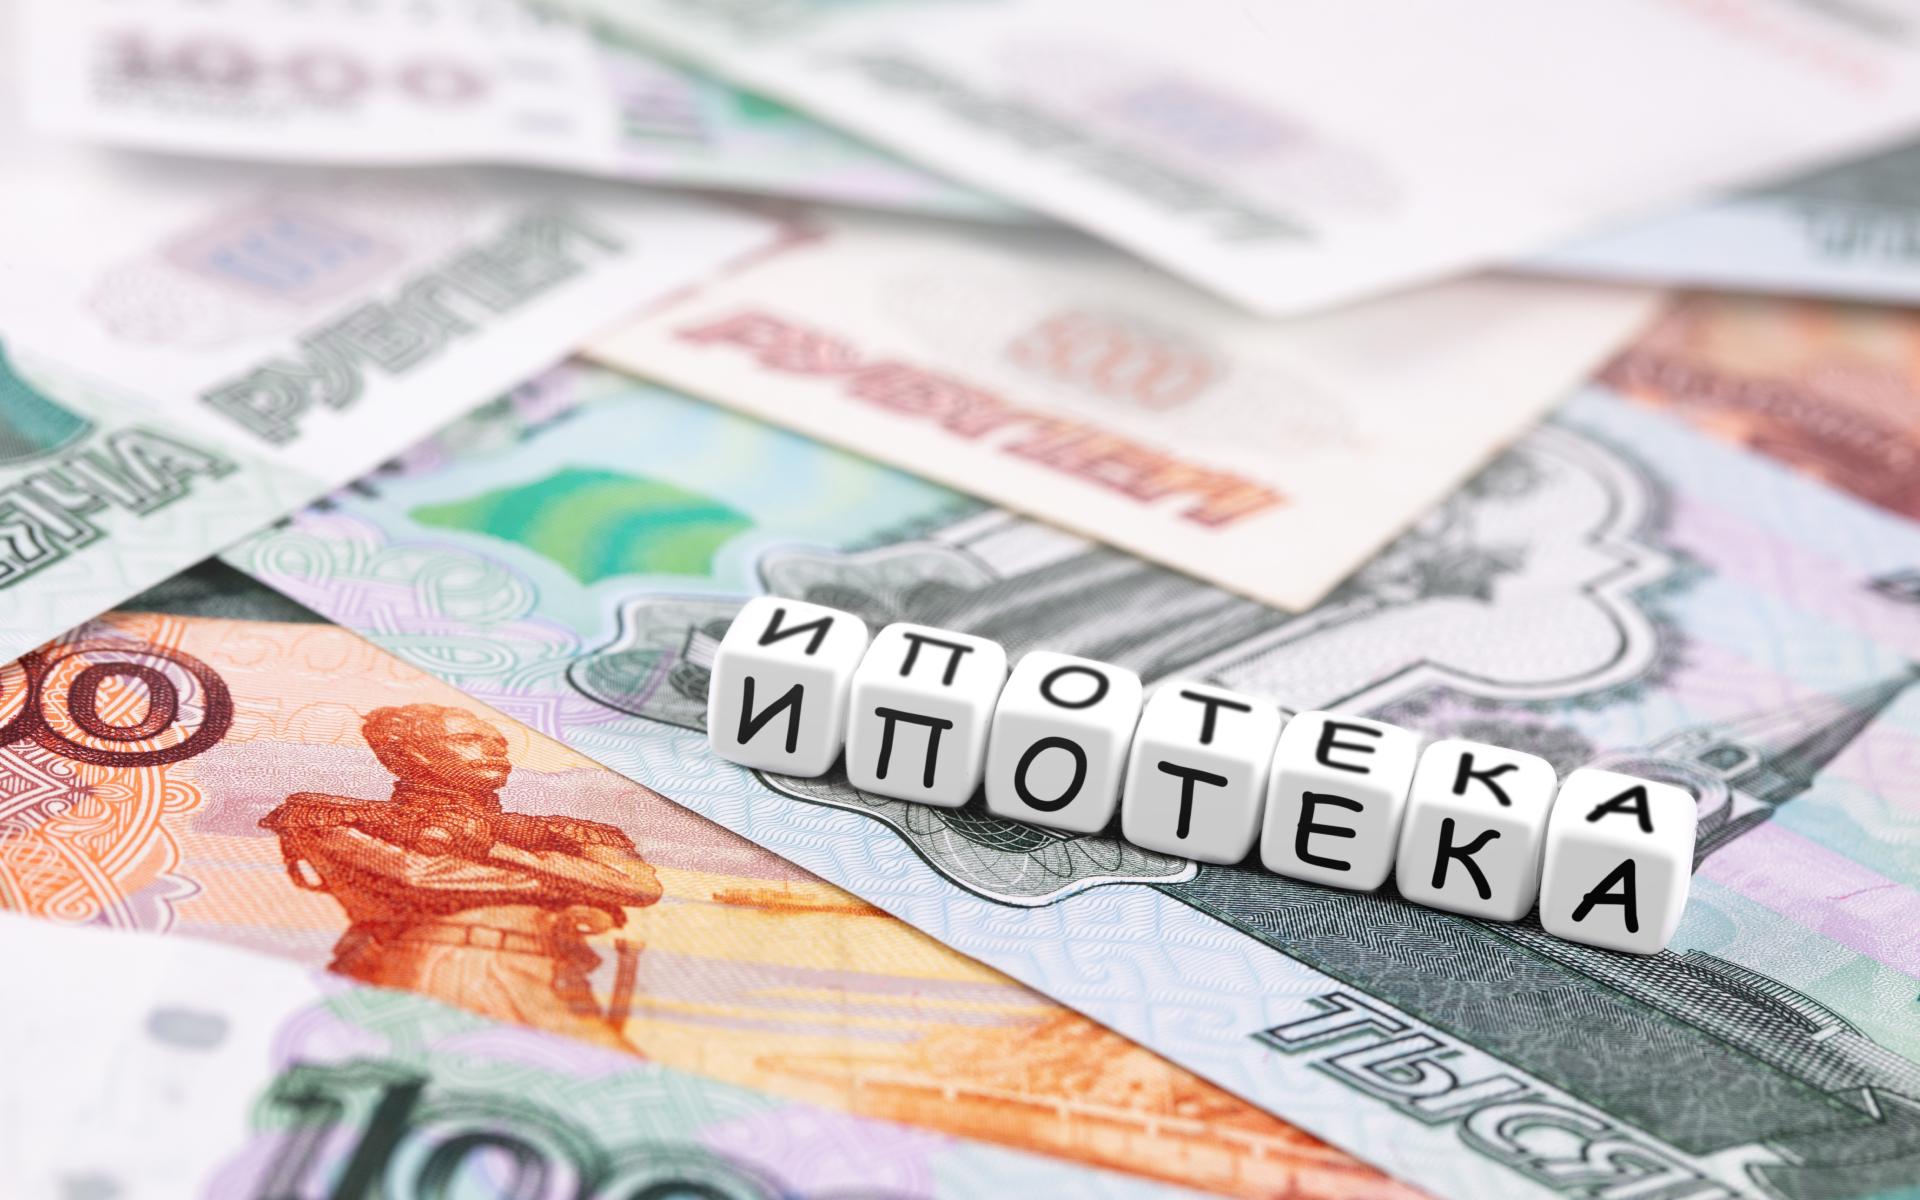 Фото: Primakov\shutterstock